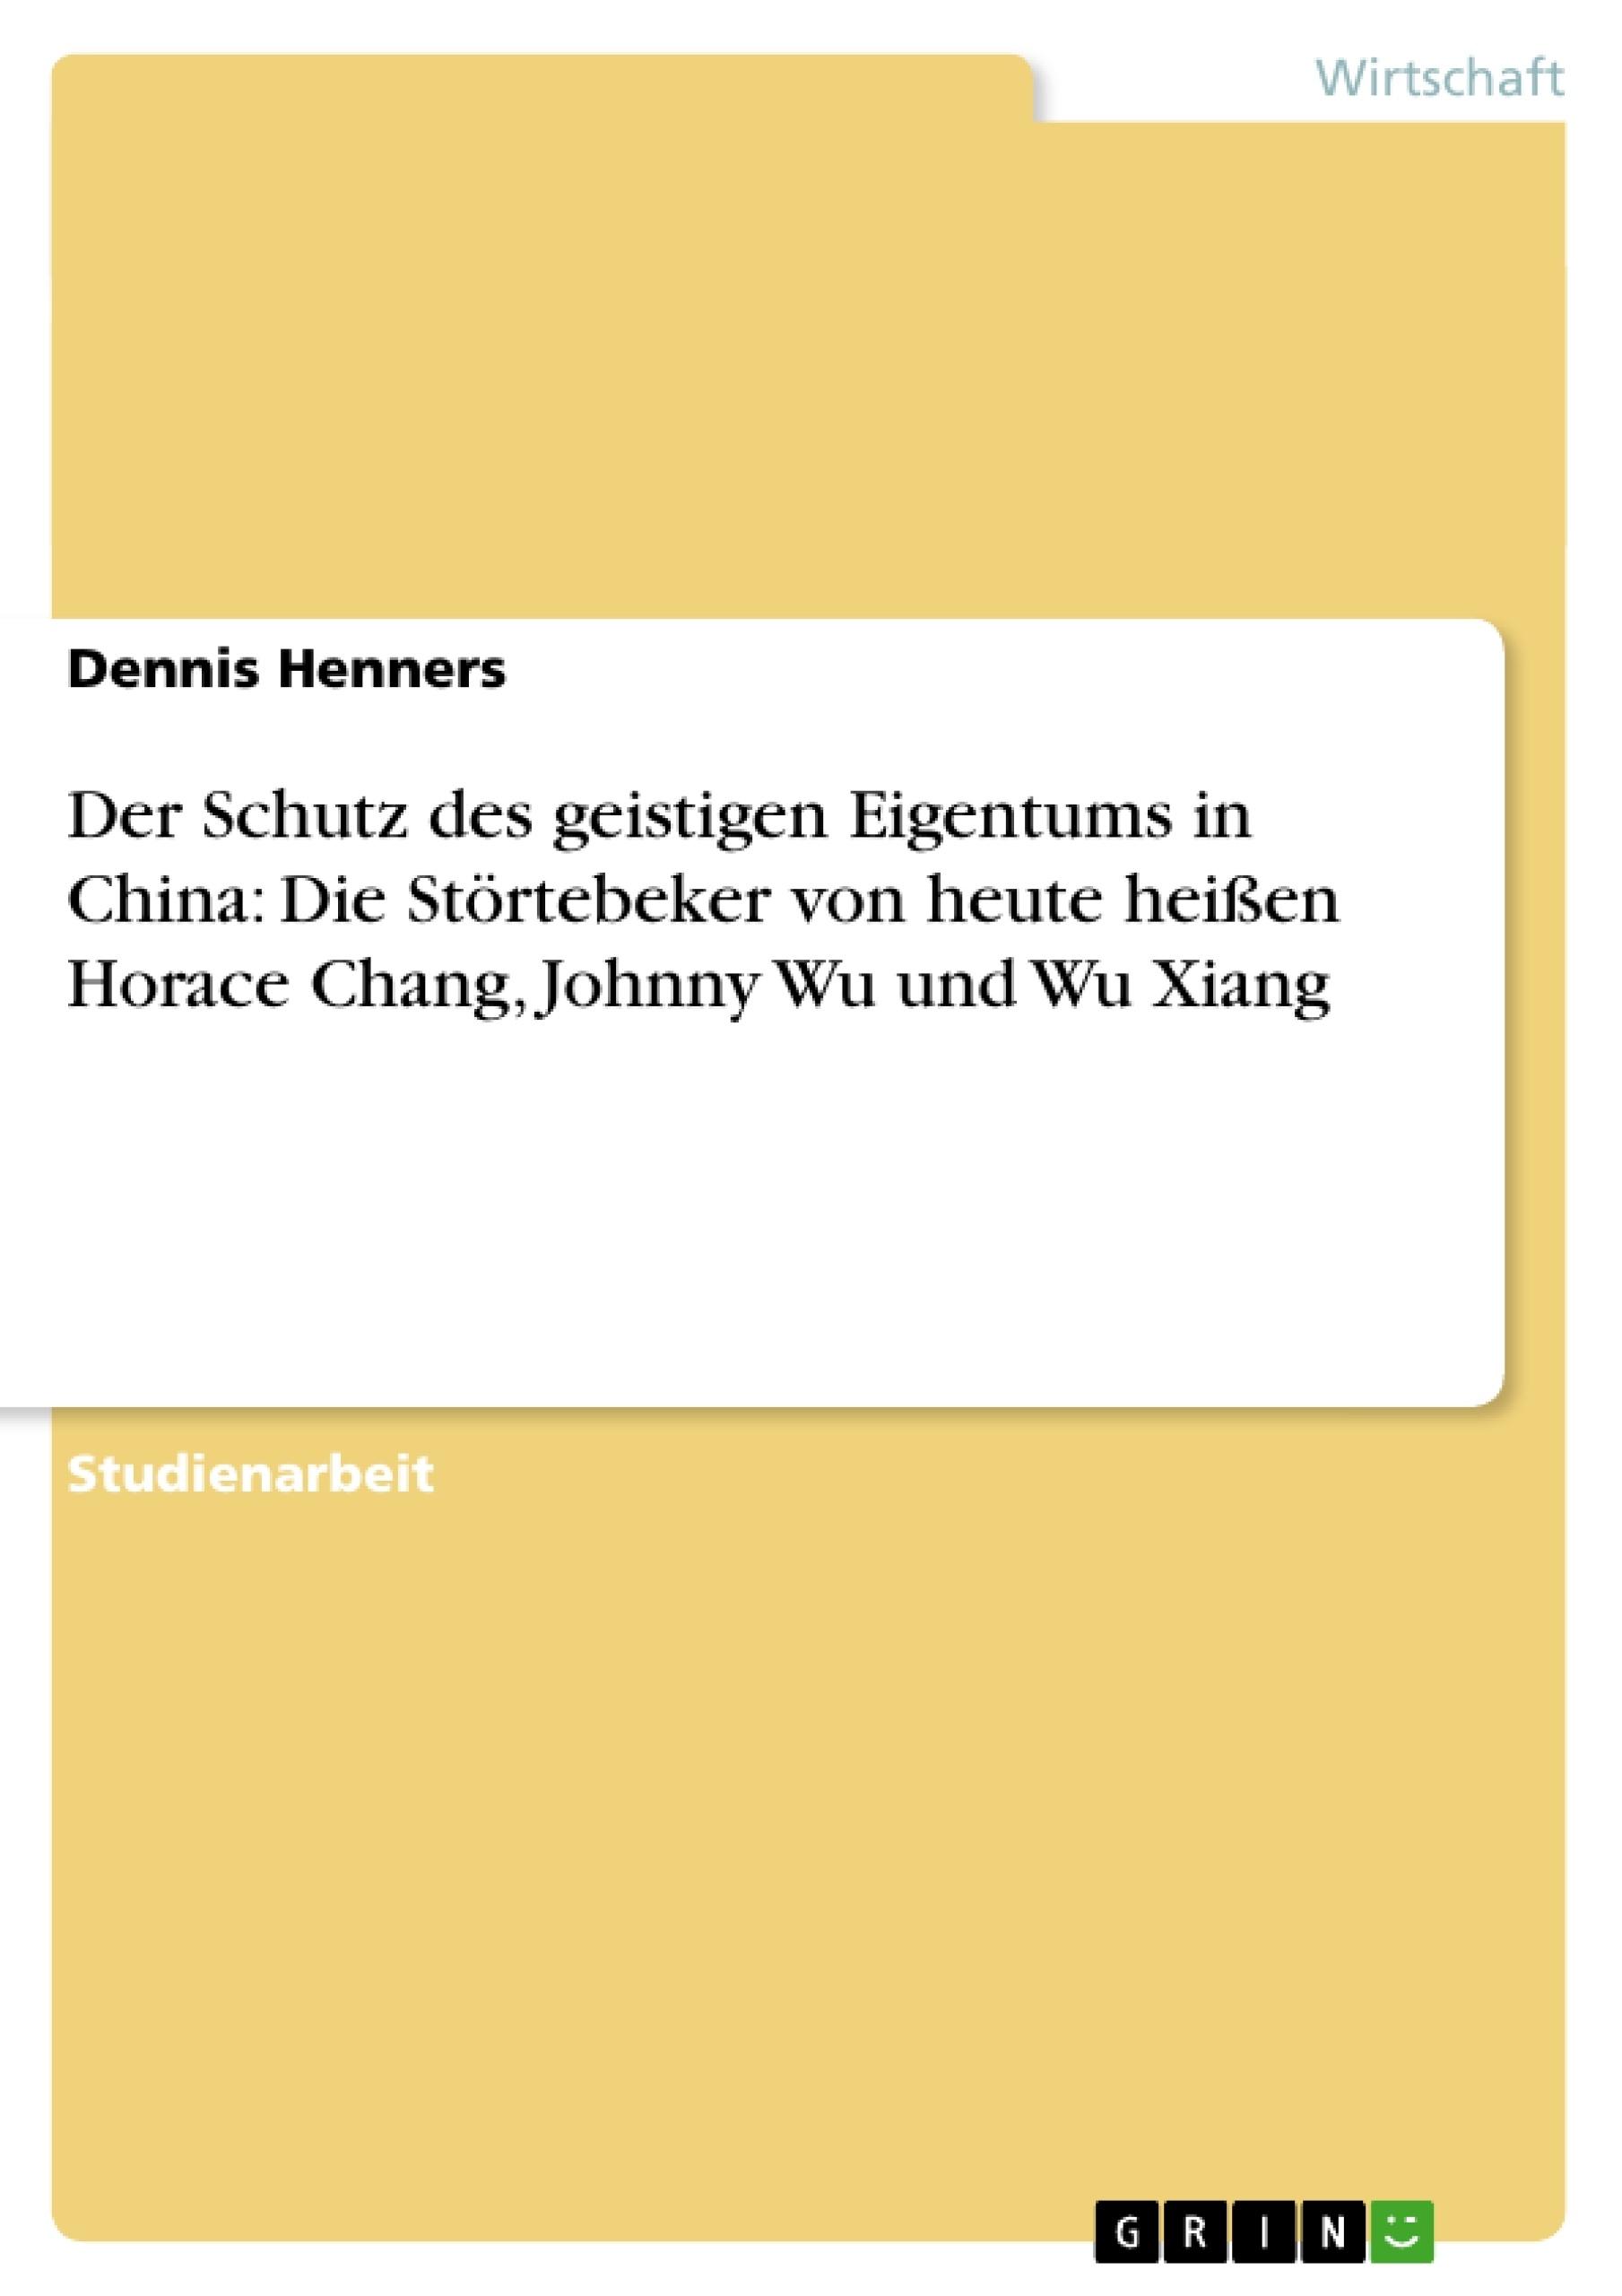 Titel: Der Schutz des geistigen Eigentums in China: Die Störtebeker von heute heißen Horace Chang, Johnny Wu und Wu Xiang